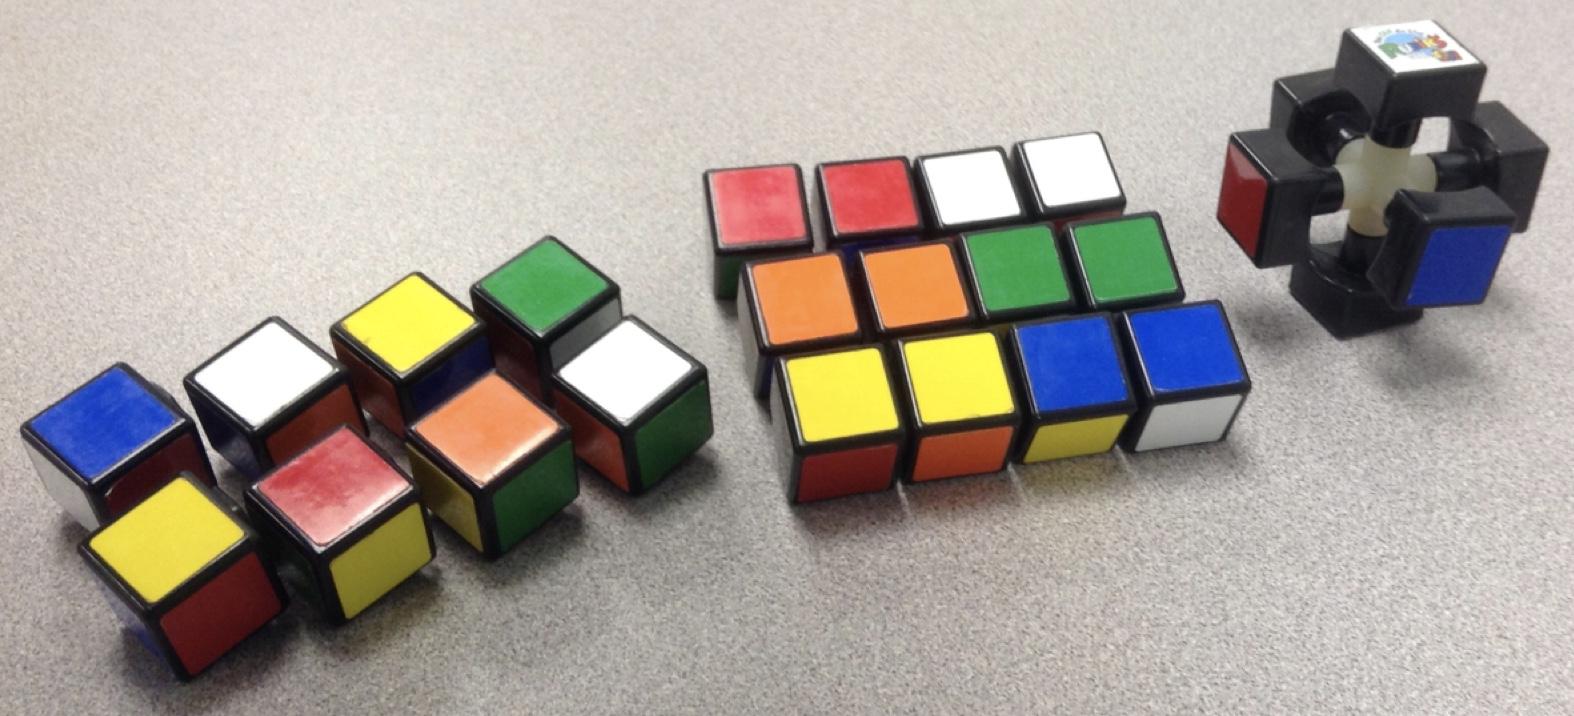 Nie potrafisz rozwiązywać kostki Rubika? Jej wersja z Bluetooth na pewno pomoże